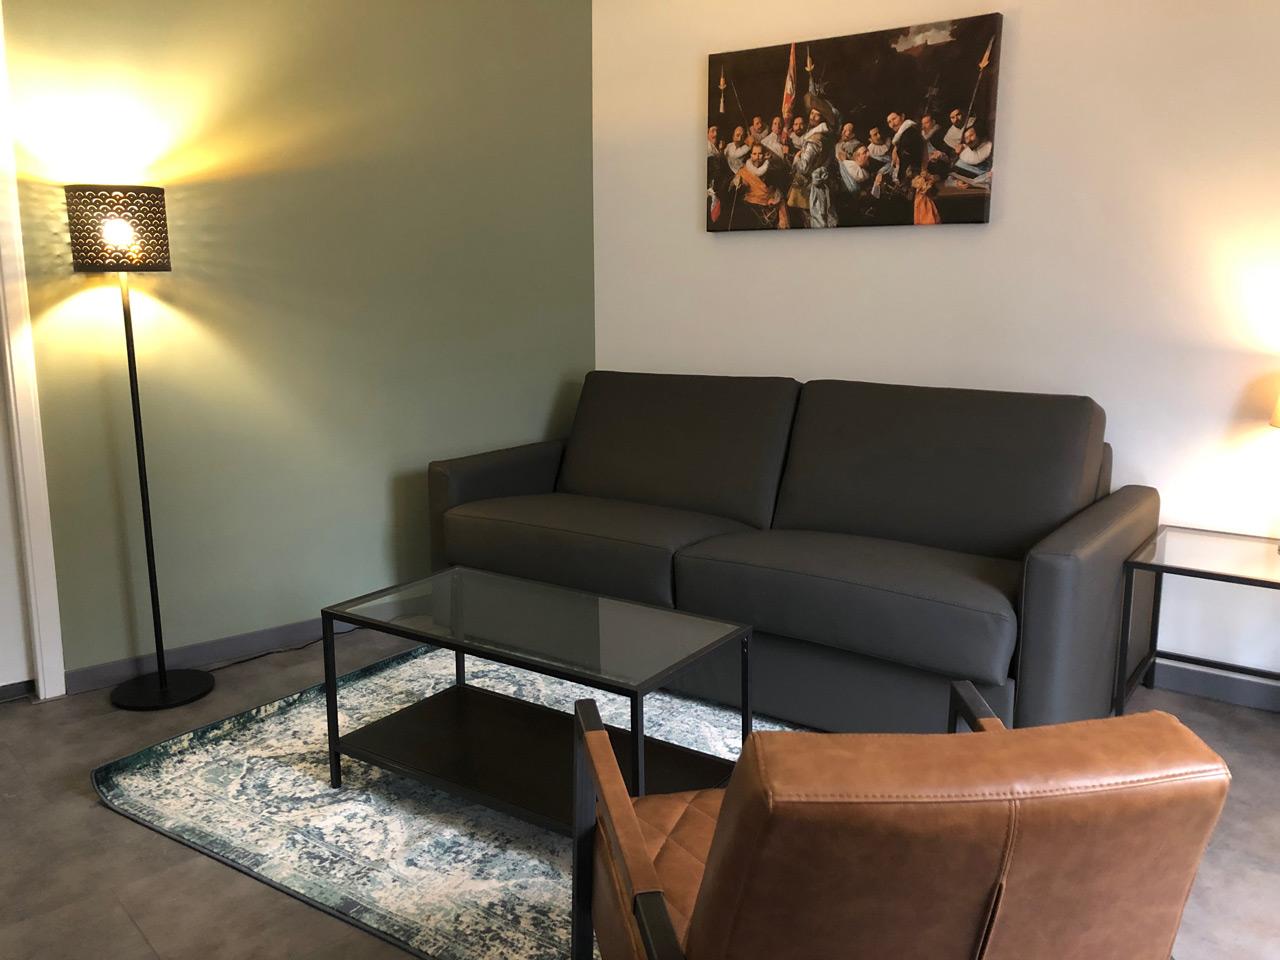 Woonkamer-Livingroom-wohnzimmer-Frans-Hals-2